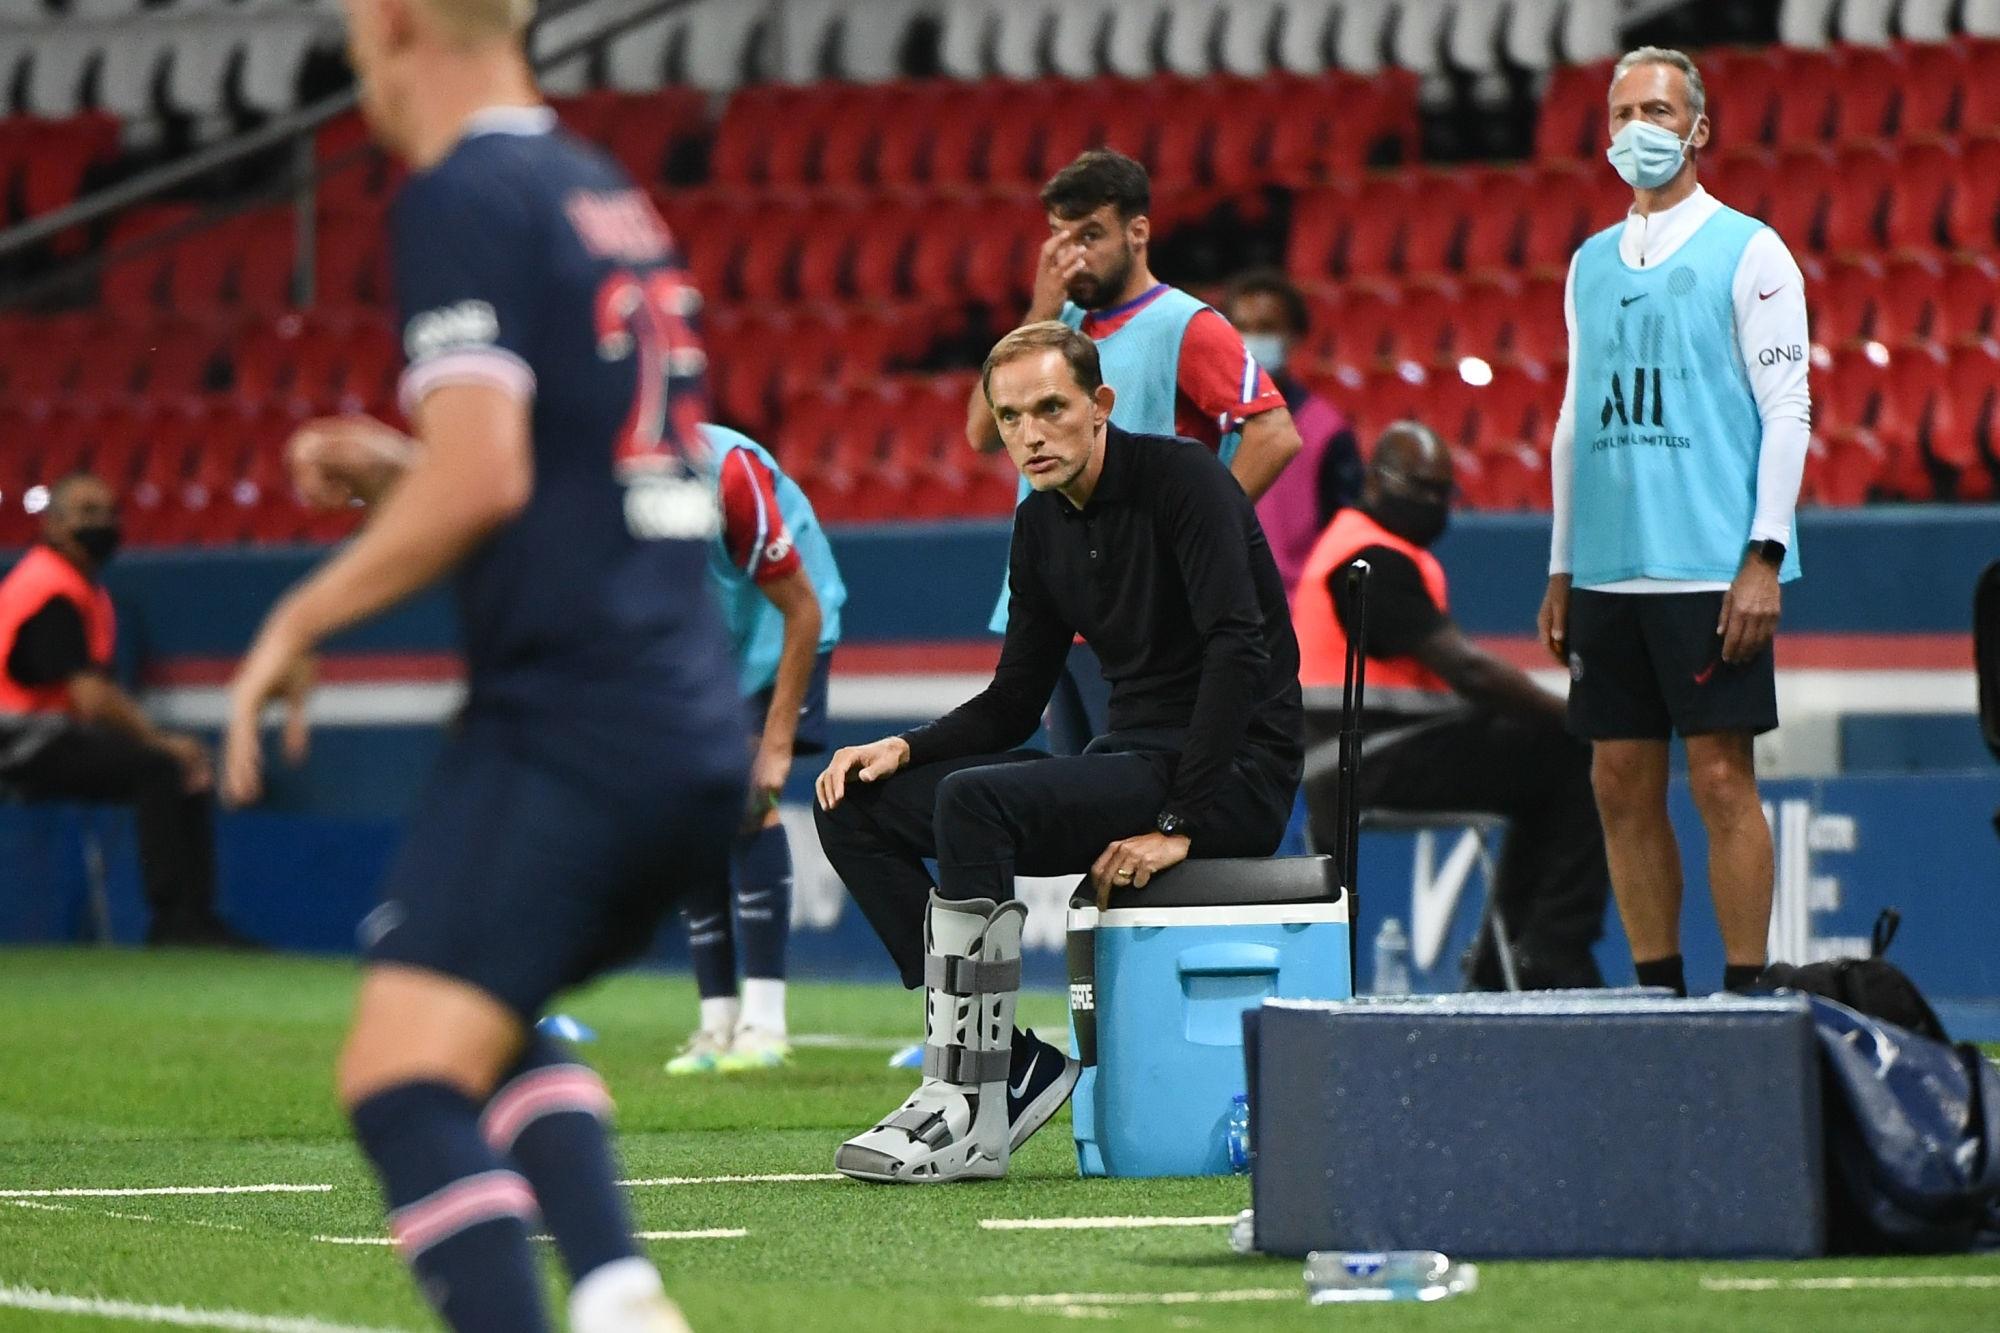 """PSG/Metz - Tuchel souligne la """"mentalité incroyable"""" de son équipe et son mérite"""